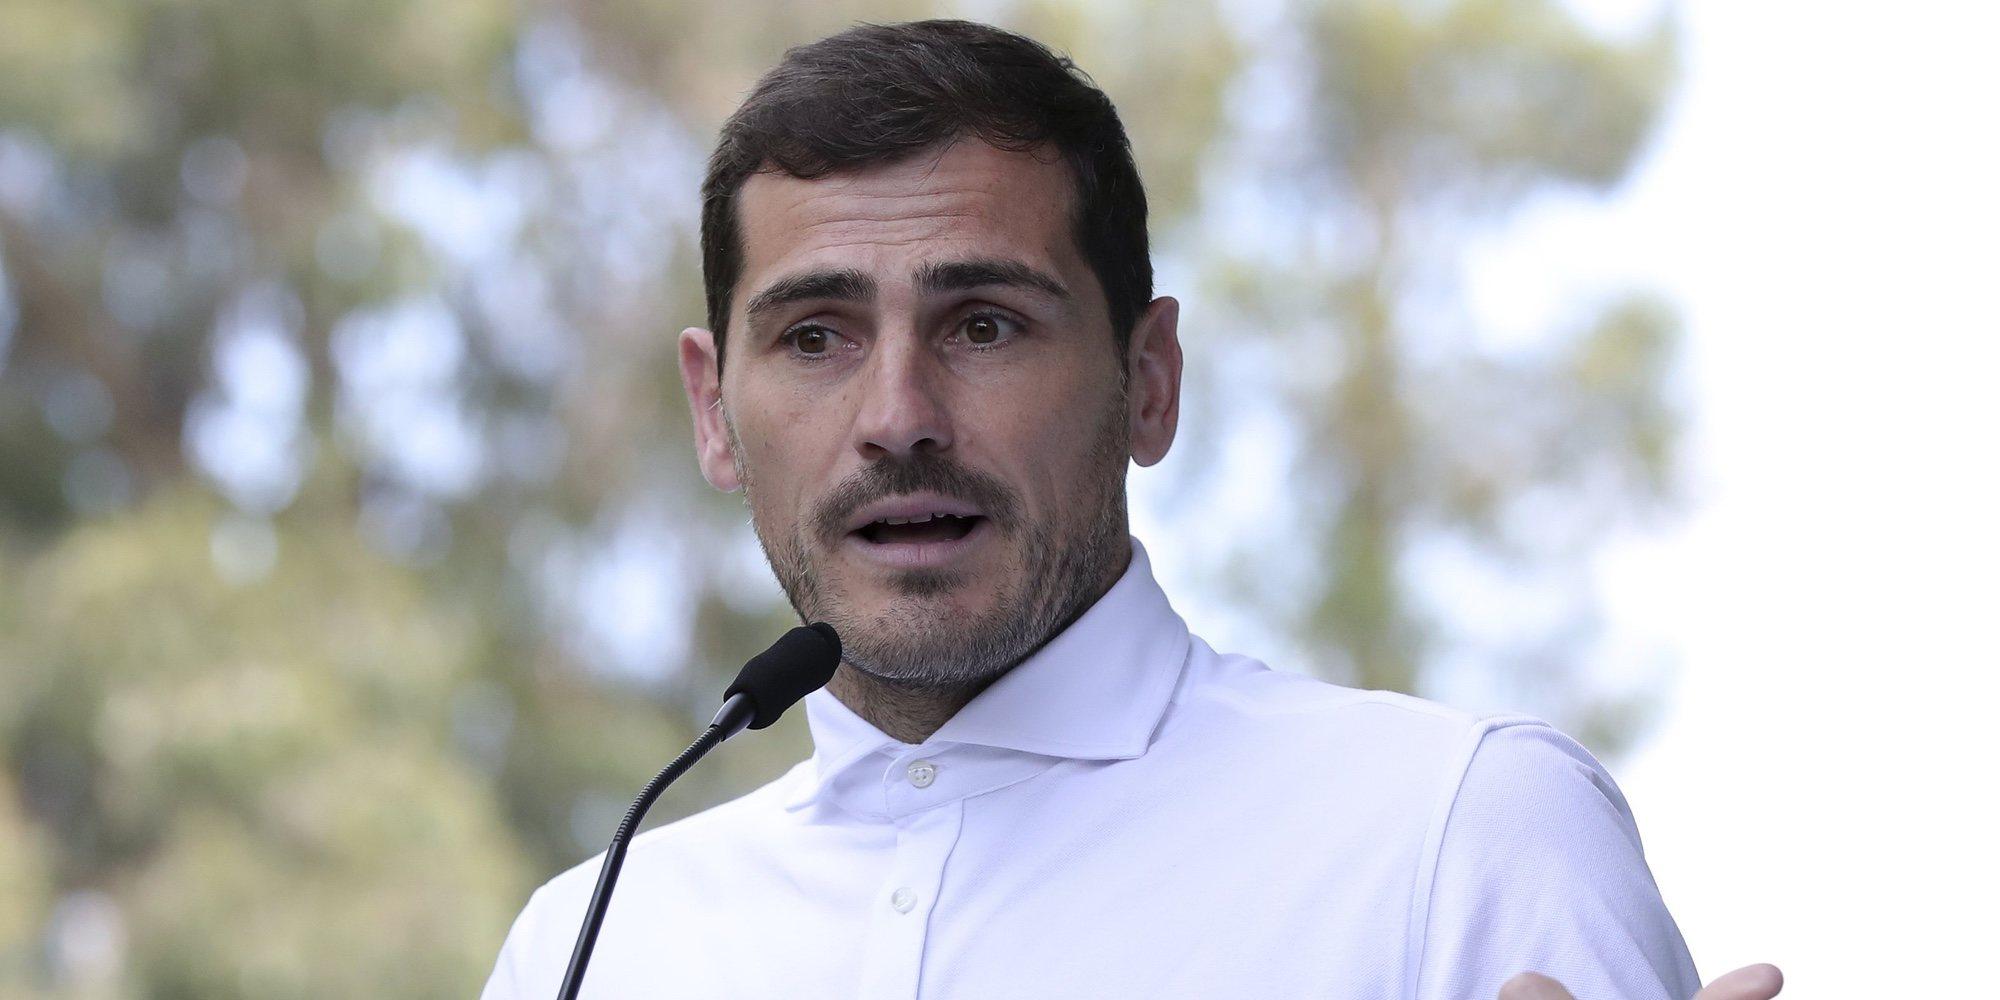 Iker Casillas emite un comunicado tras el registro de su casa de Oporto